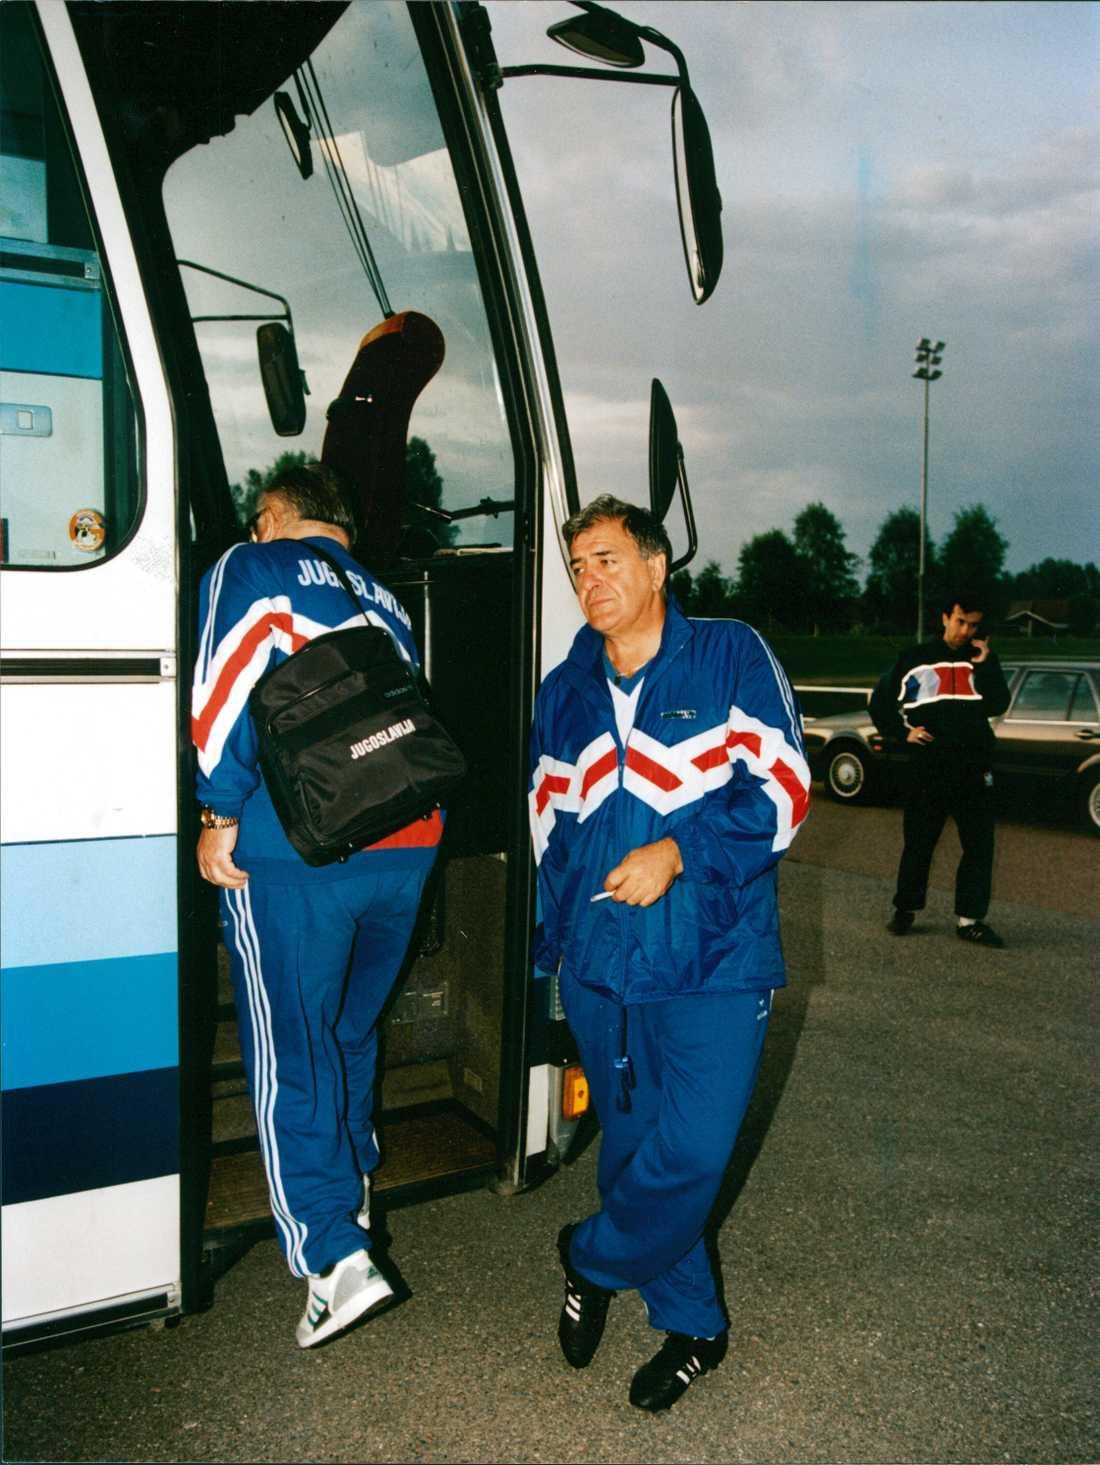 Jugoslaviens landslag tränade i Leksand inför EM när de fick beskedet.